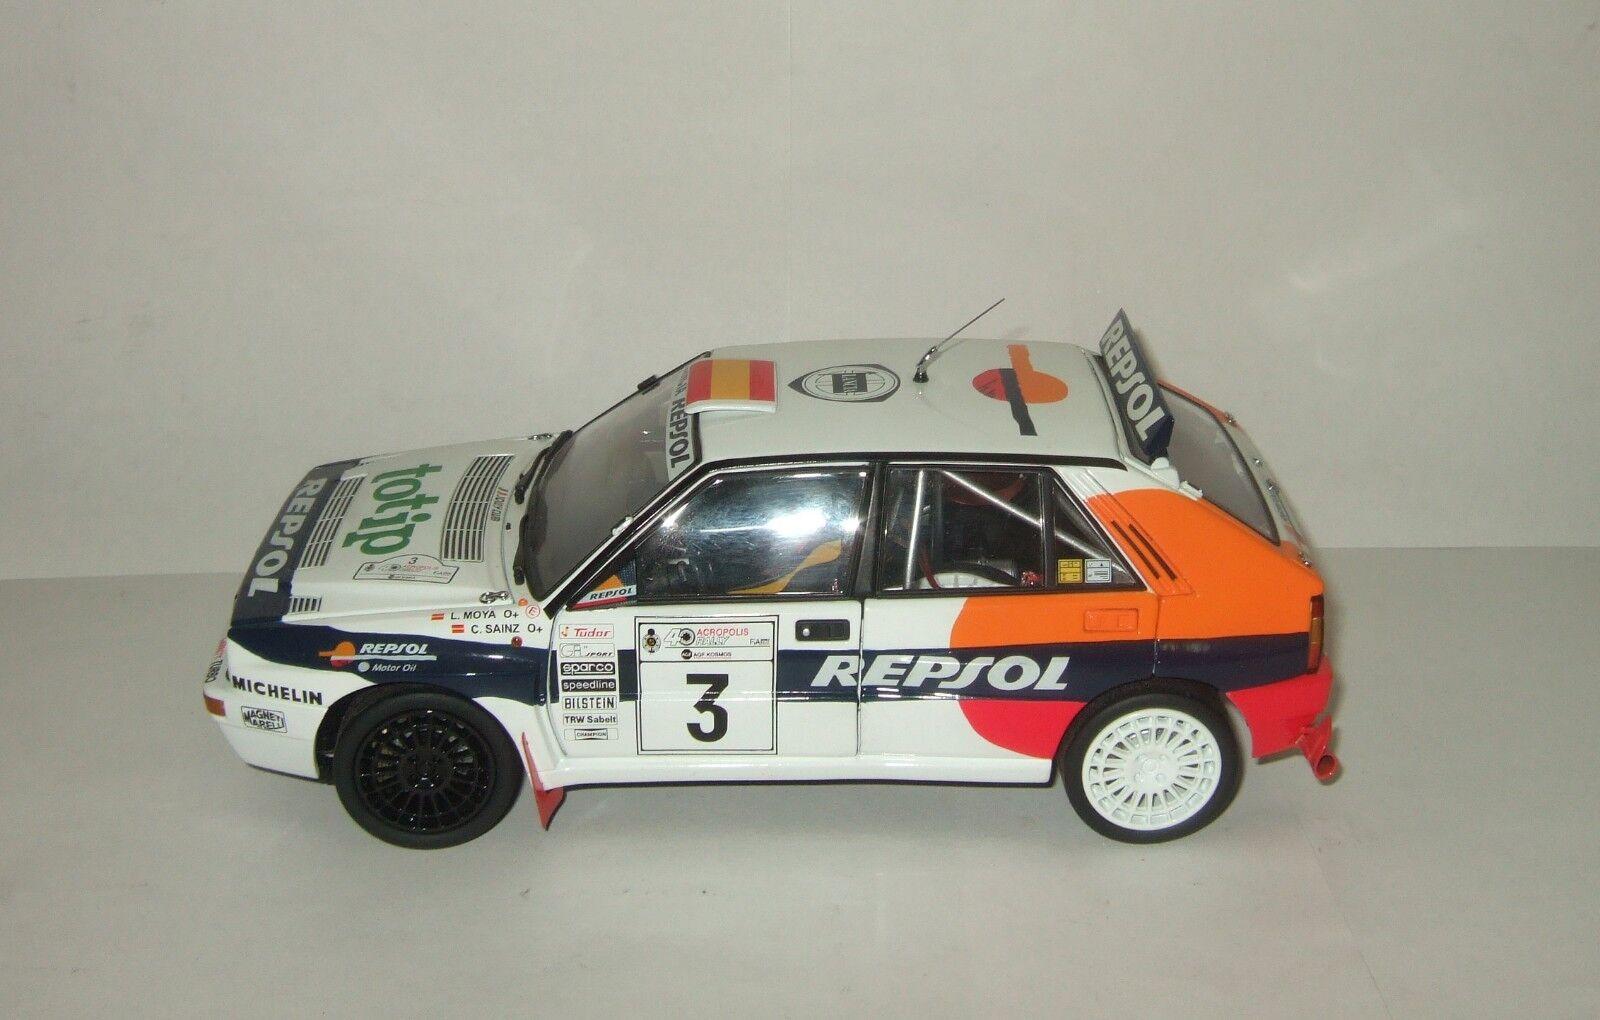 1  18 kyosho lance Delta HF Evo 2. Rally Rally Rally Acropolis c. Sainz & L. Moya 1993 cf5